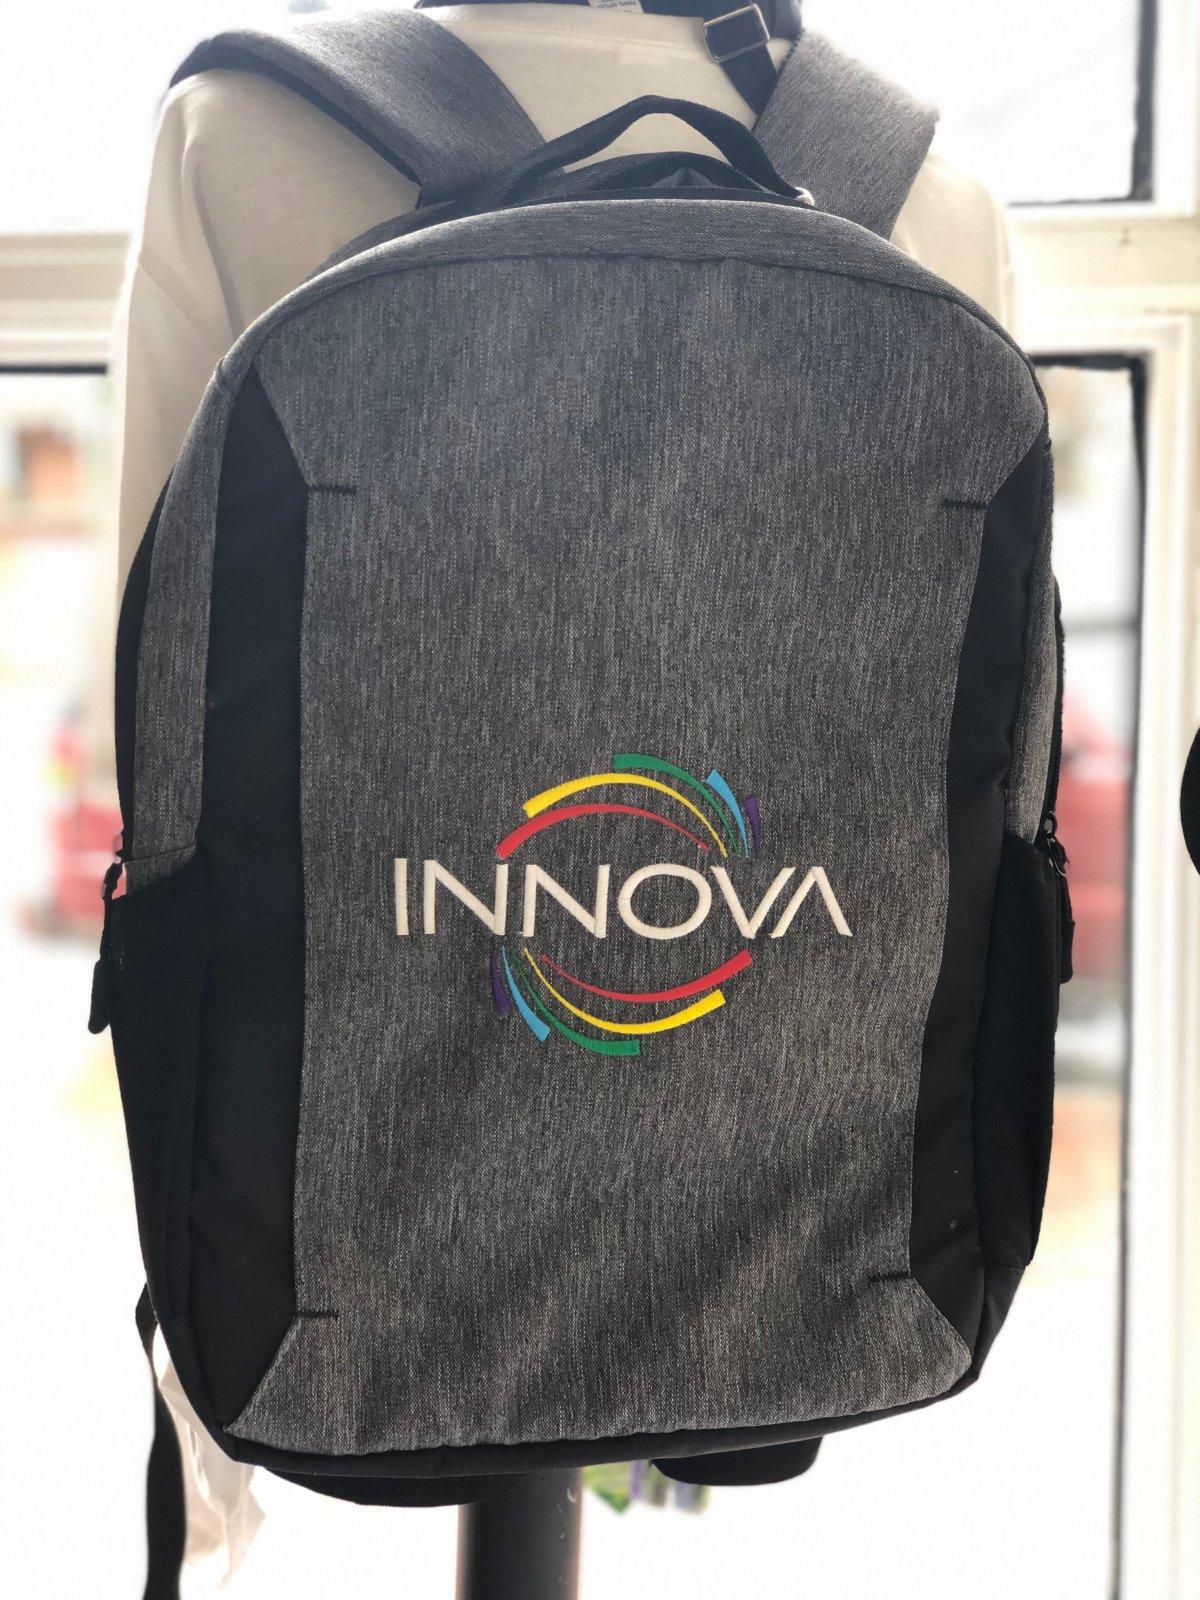 Innova Backpack